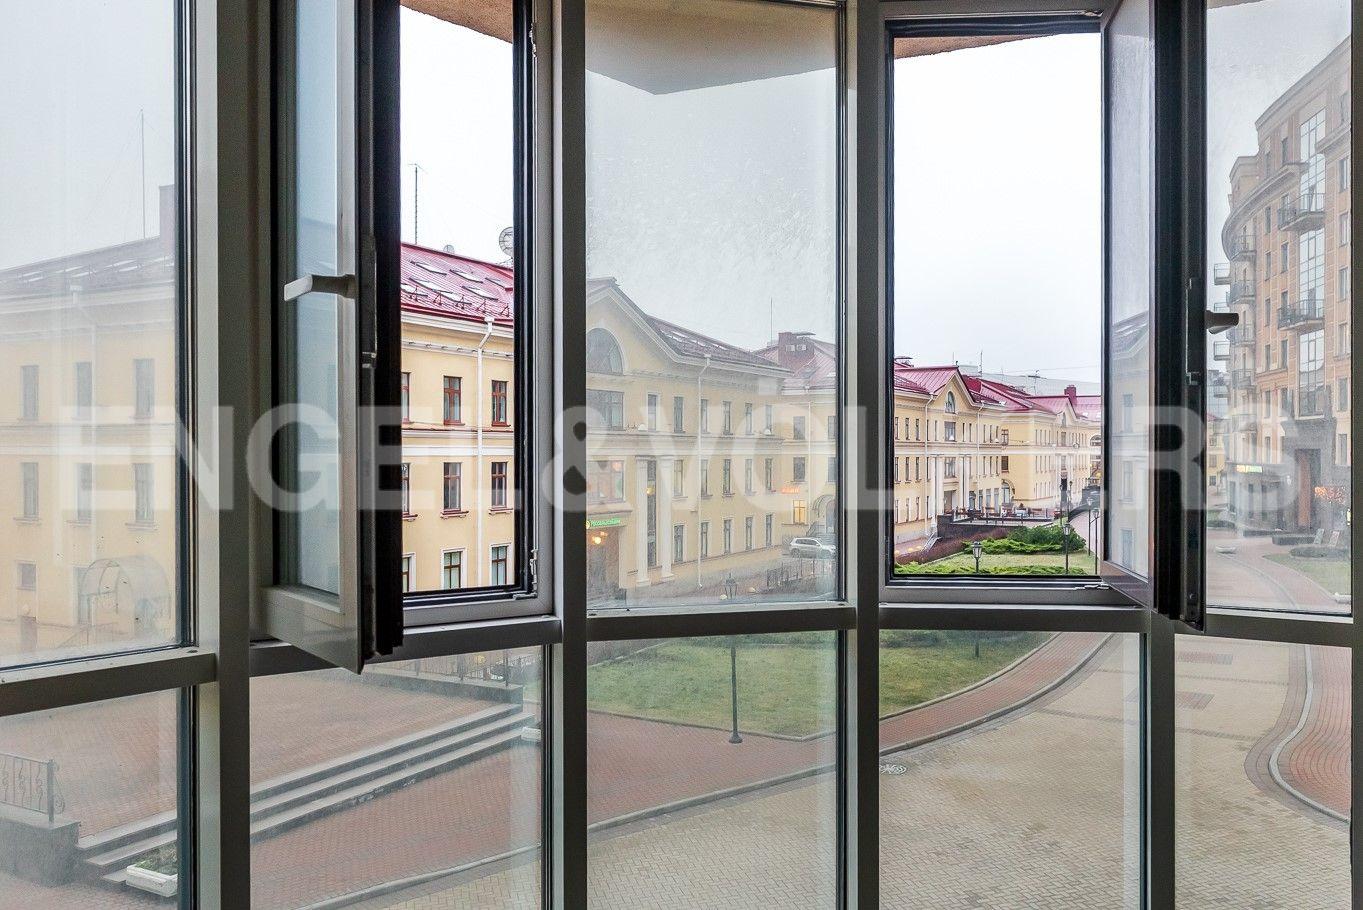 Элитные квартиры в Центральном районе. Санкт-Петербург, ул. Парадная, д. 3, к. 2. Вид из окон